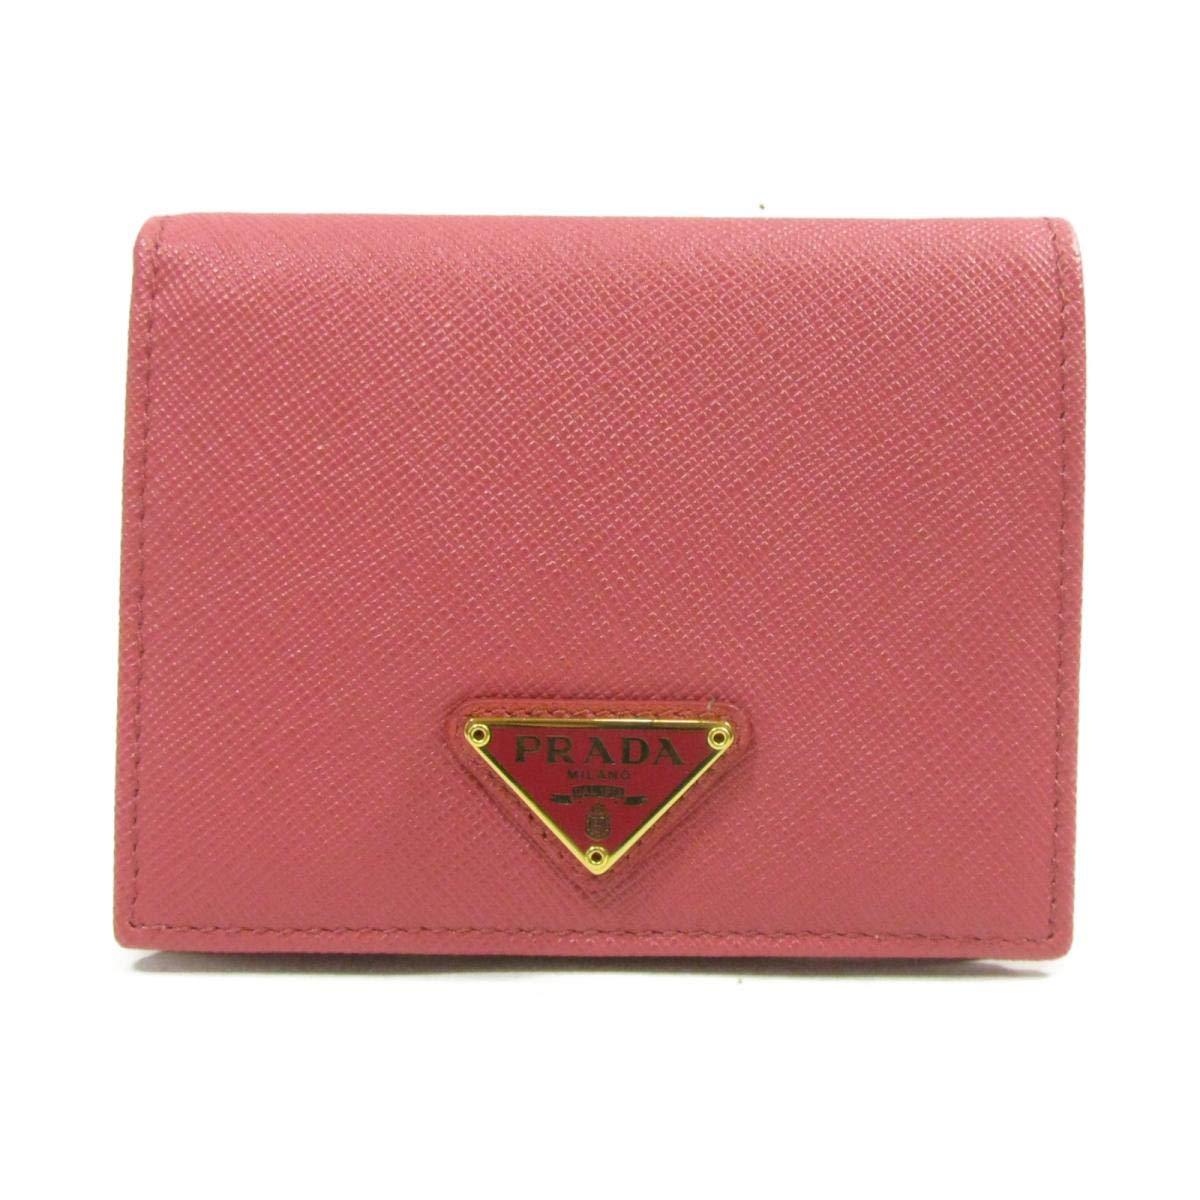 [プラダ] PRADA 二つ折財布 財布 ピンク レザー 1MV204 [中古] B07RFVVXKH